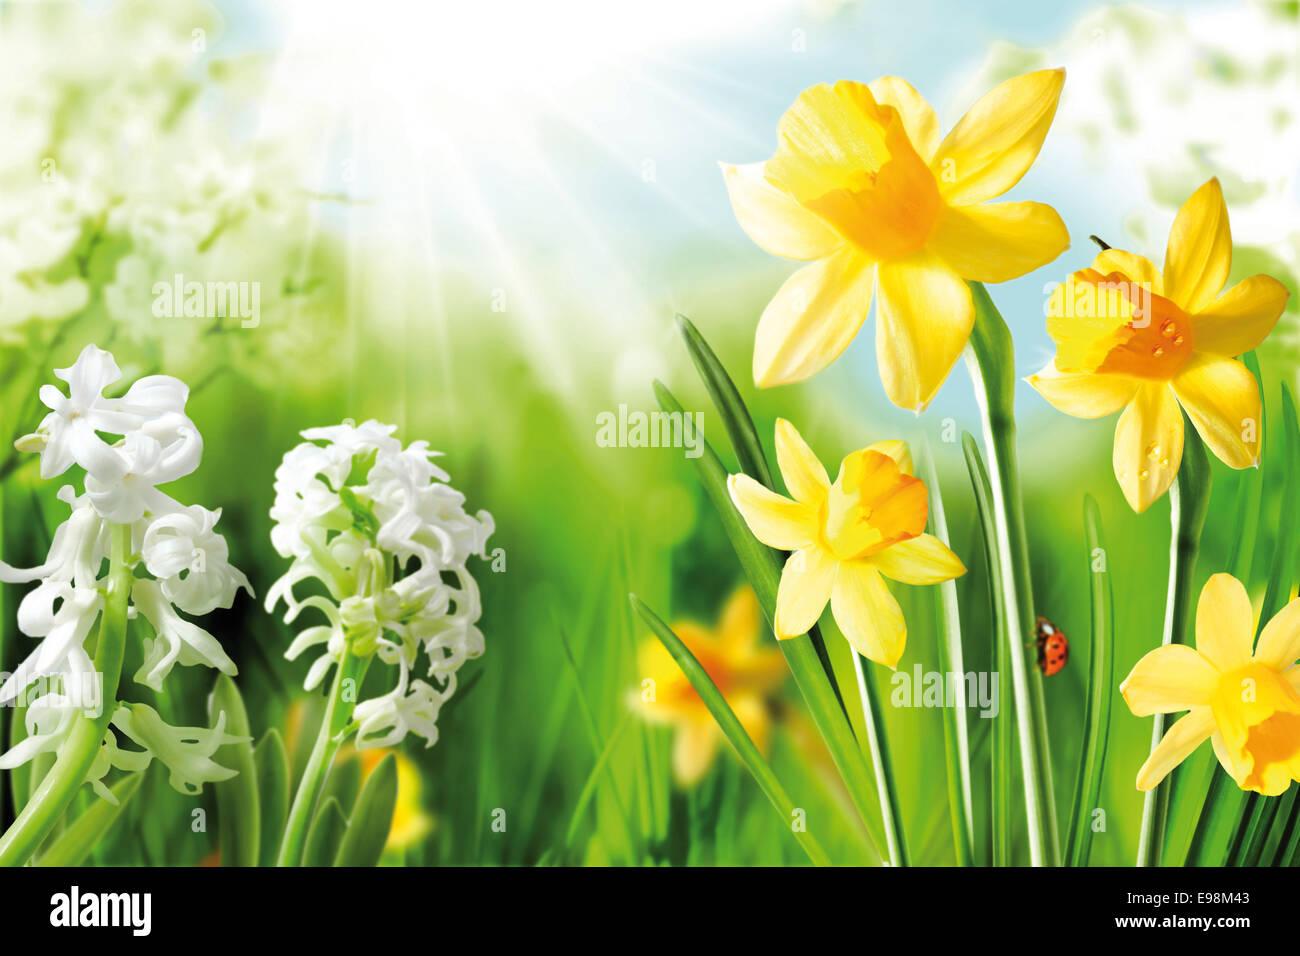 Alegre Bulbos De Primavera Fondo De Blanca Flor Narciso Y Narcisos - Narcisos-amarillos